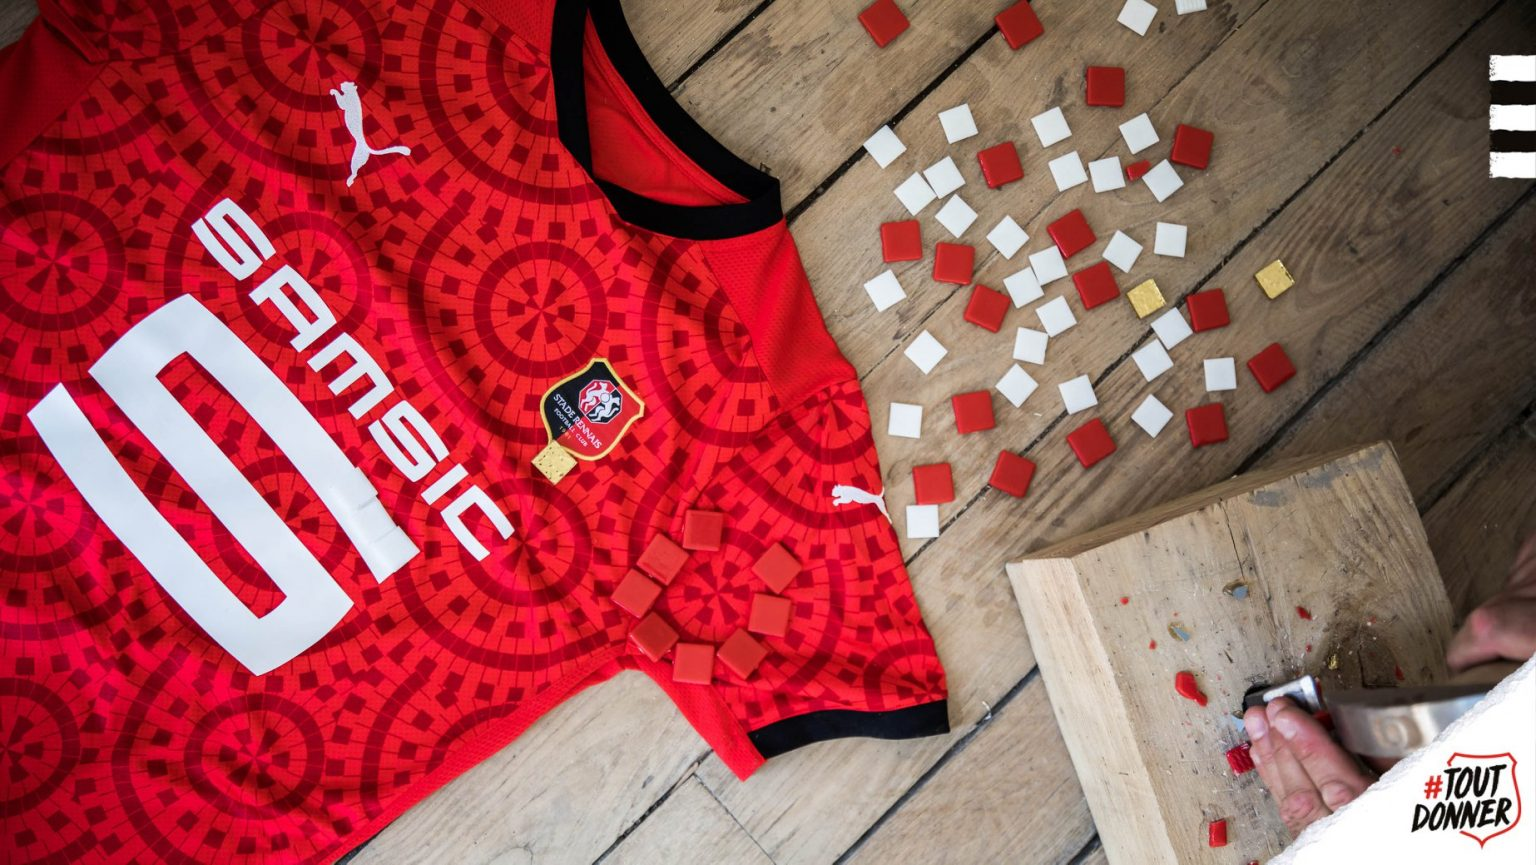 Camisas de times Rennes